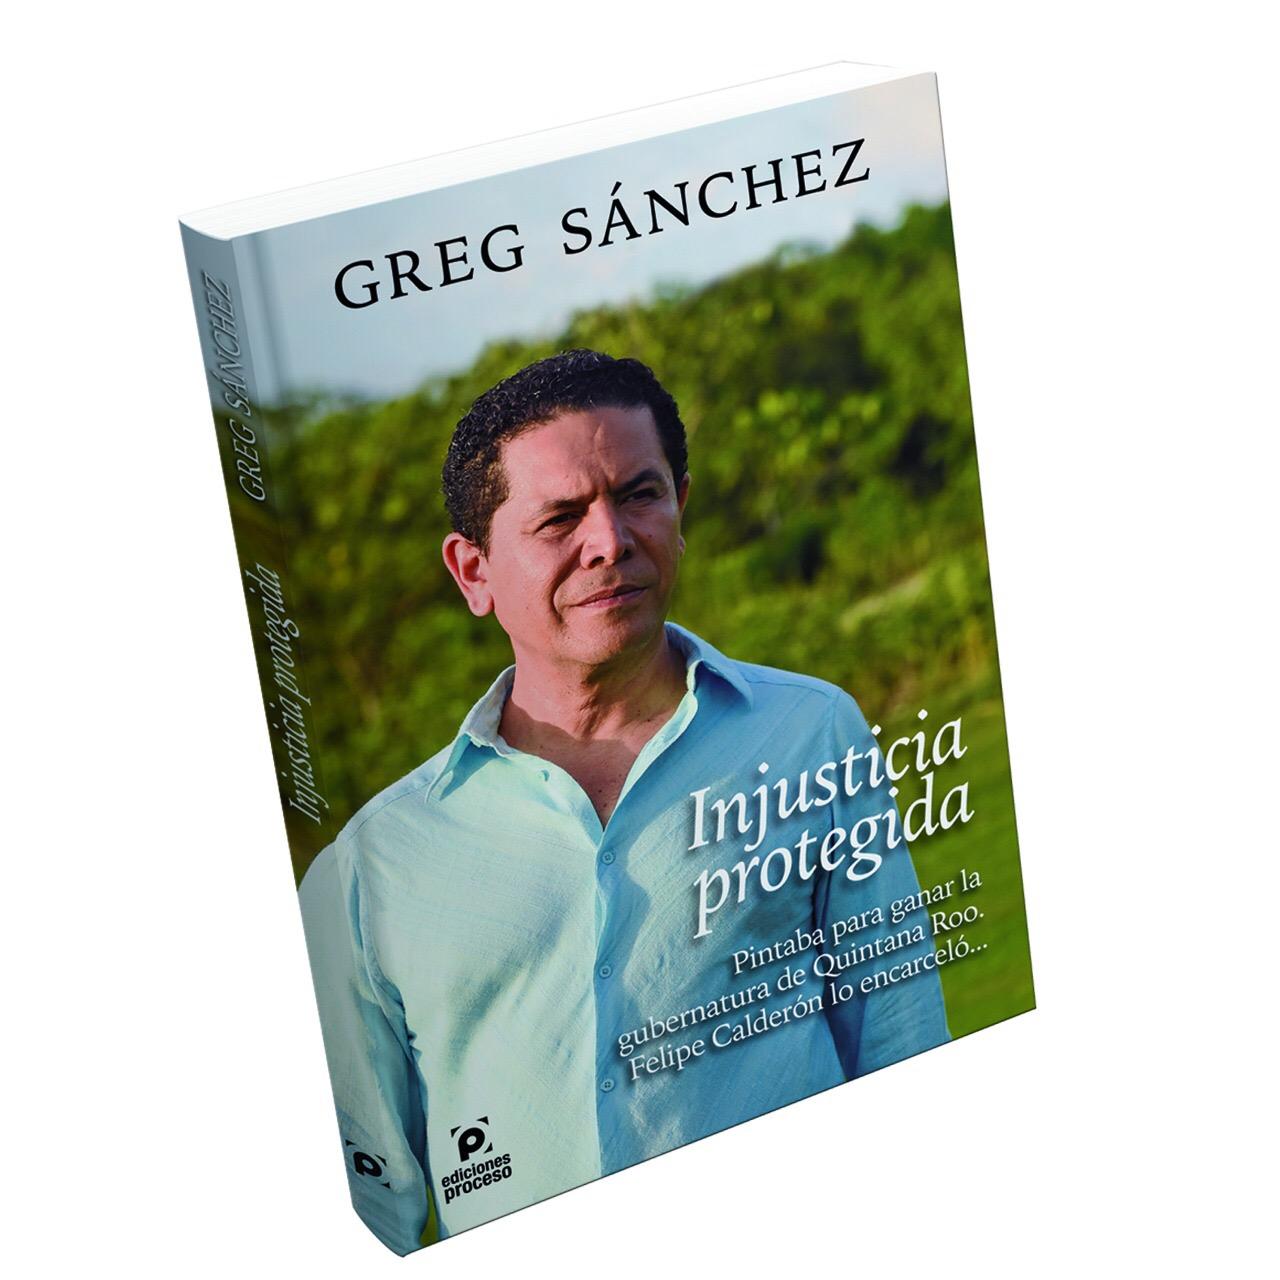 """EDICIONES PROCESO LANZA HOY EL LIBRO """"INJUSTICIA PROTEGIDA"""", LA VERDADERA HISTORIA DE GREG SÁNCHEZ."""